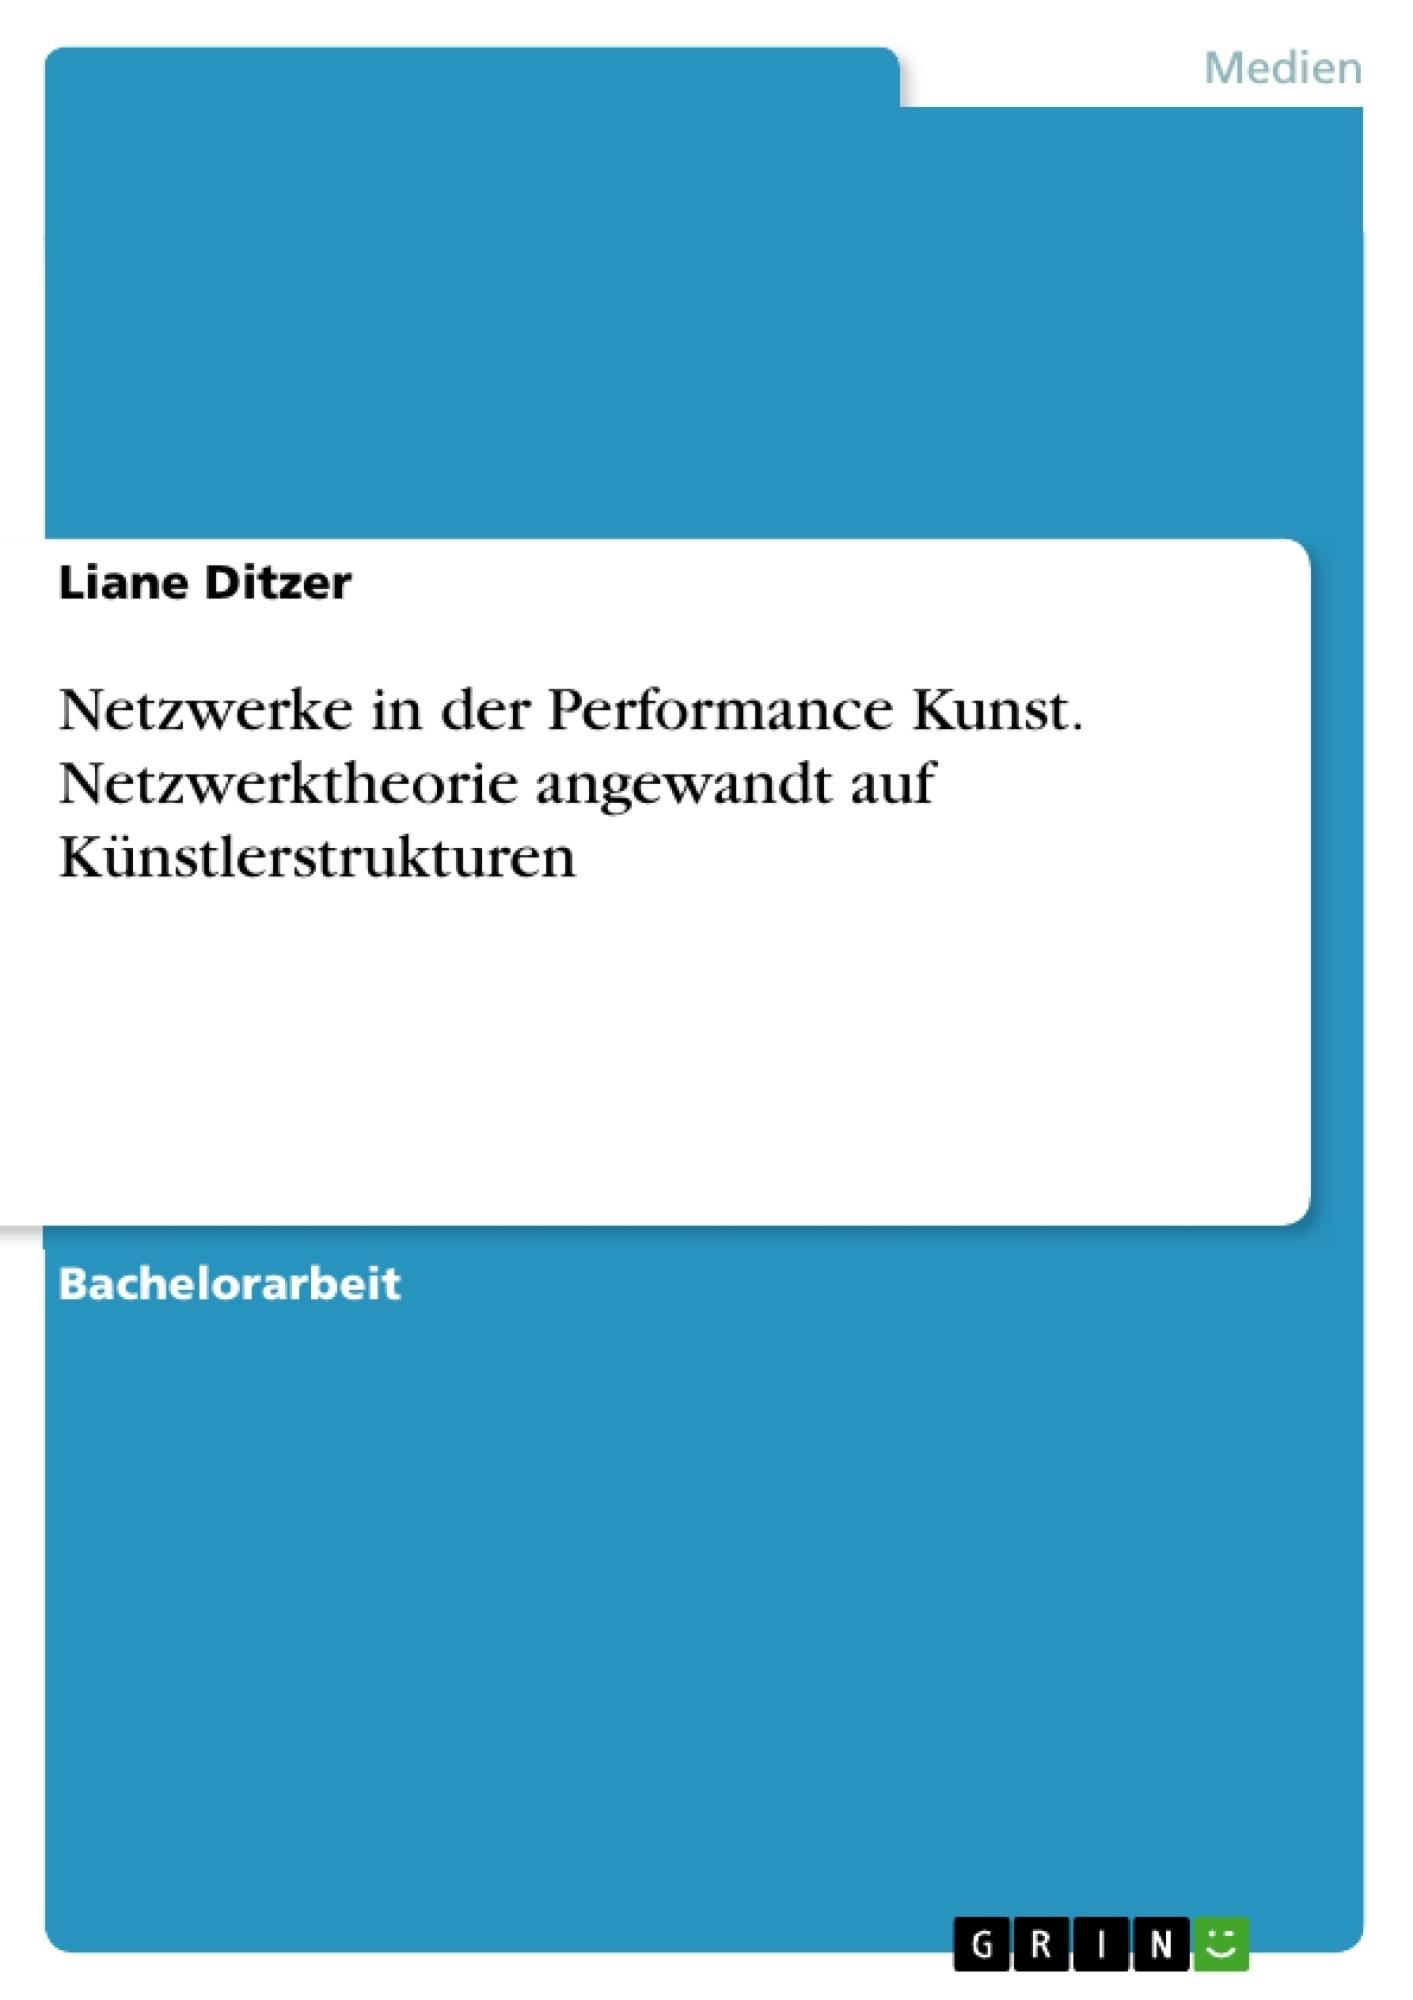 Titel: Netzwerke in der Performance Kunst. Netzwerktheorie angewandt auf Künstlerstrukturen